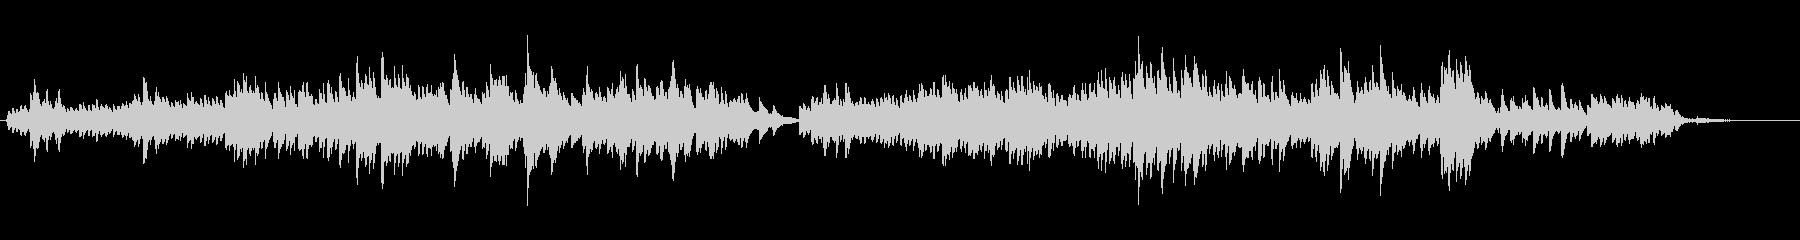 生ピアノソロ・Awakeの未再生の波形